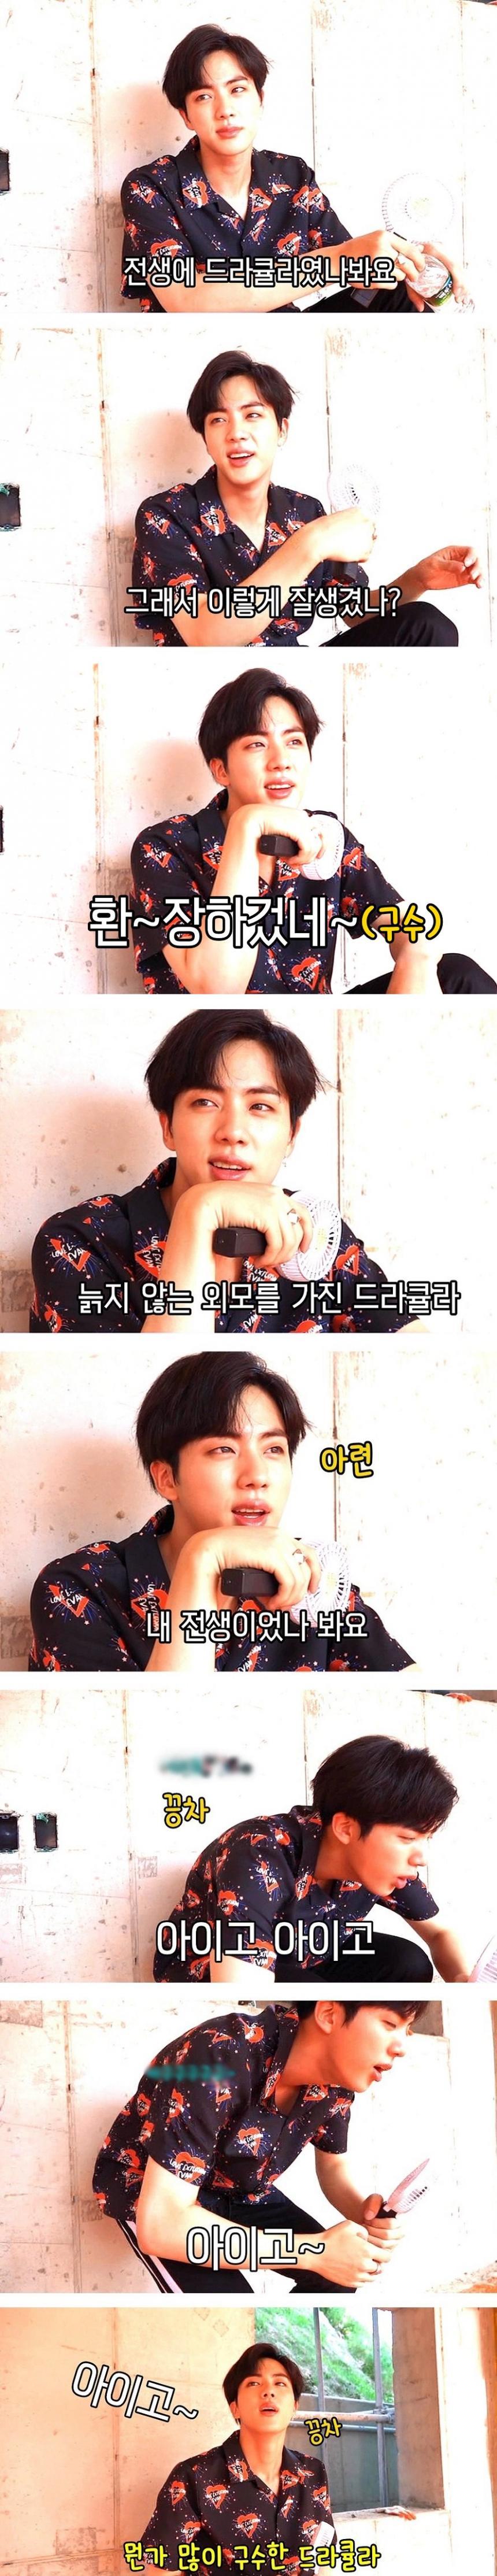 방탄소년단(BTS) 진 / 온라인 커뮤니티